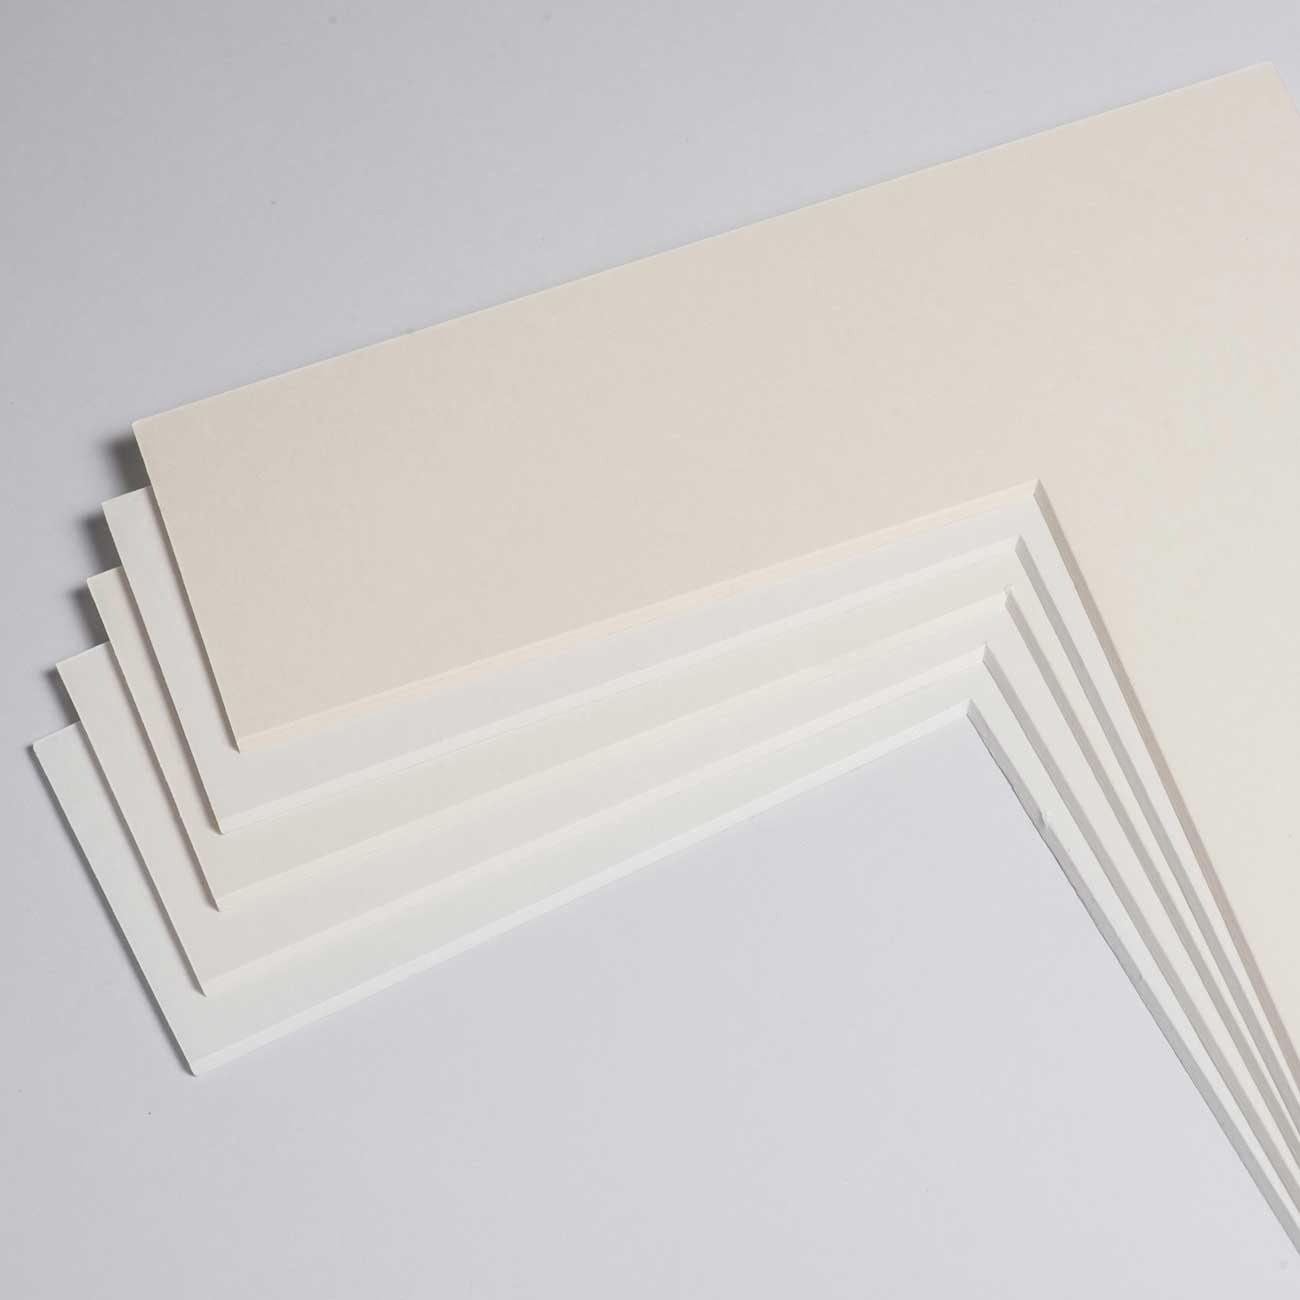 1,6 mm Museumskarton mit individuellem Ausschnitt